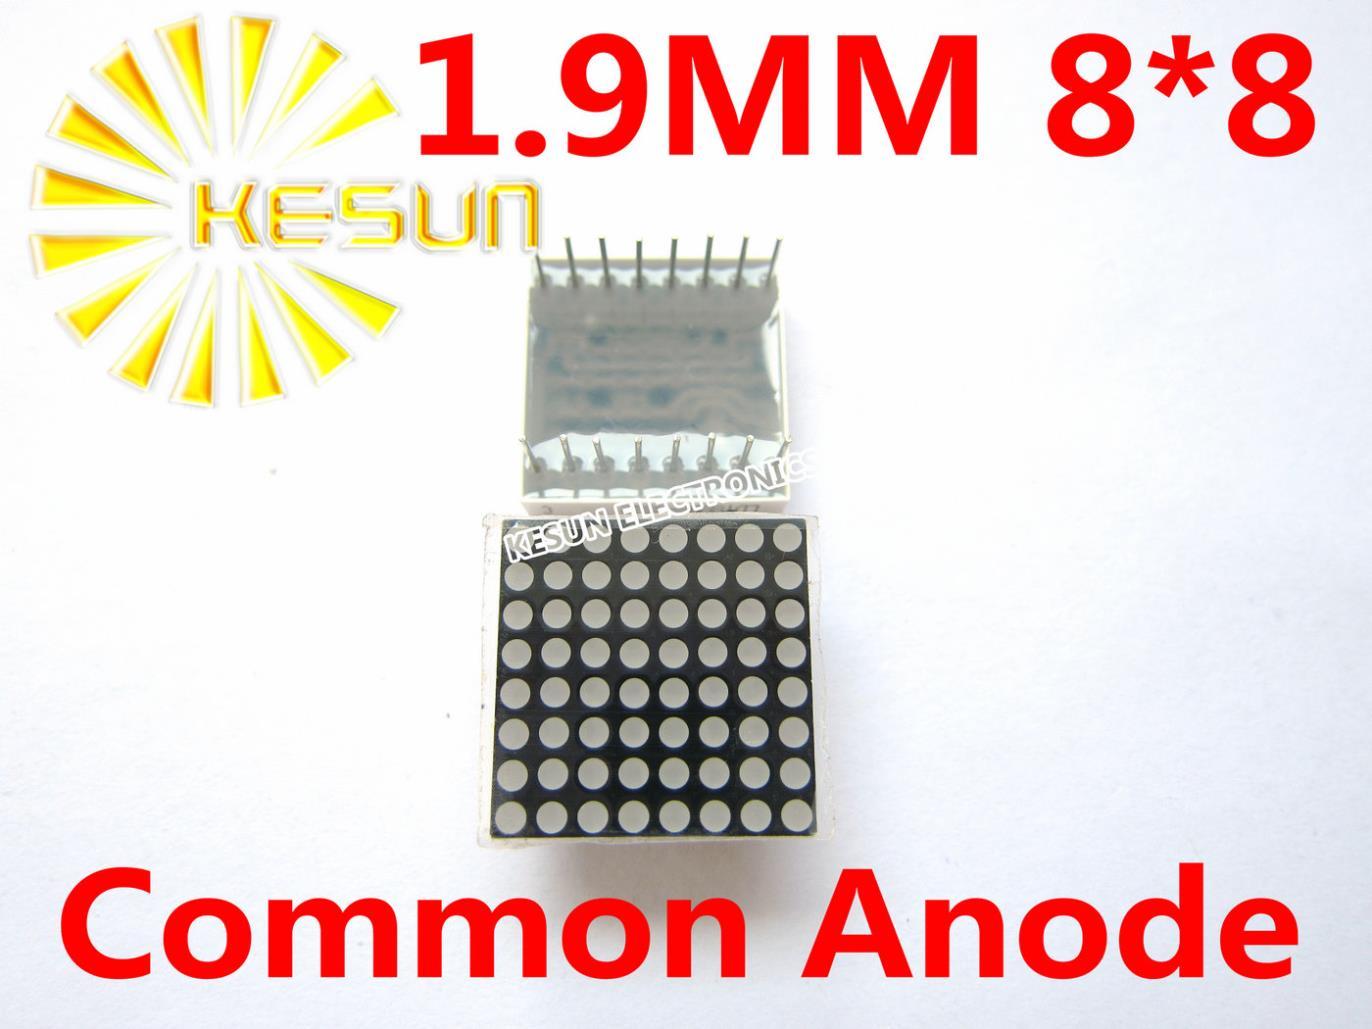 20 pcs/lote 1.9 MM 8 X 8 rouge Anode commune 20 * 20 Tube LED Dot Matrix numérique Module 788BS(China (Mainland))